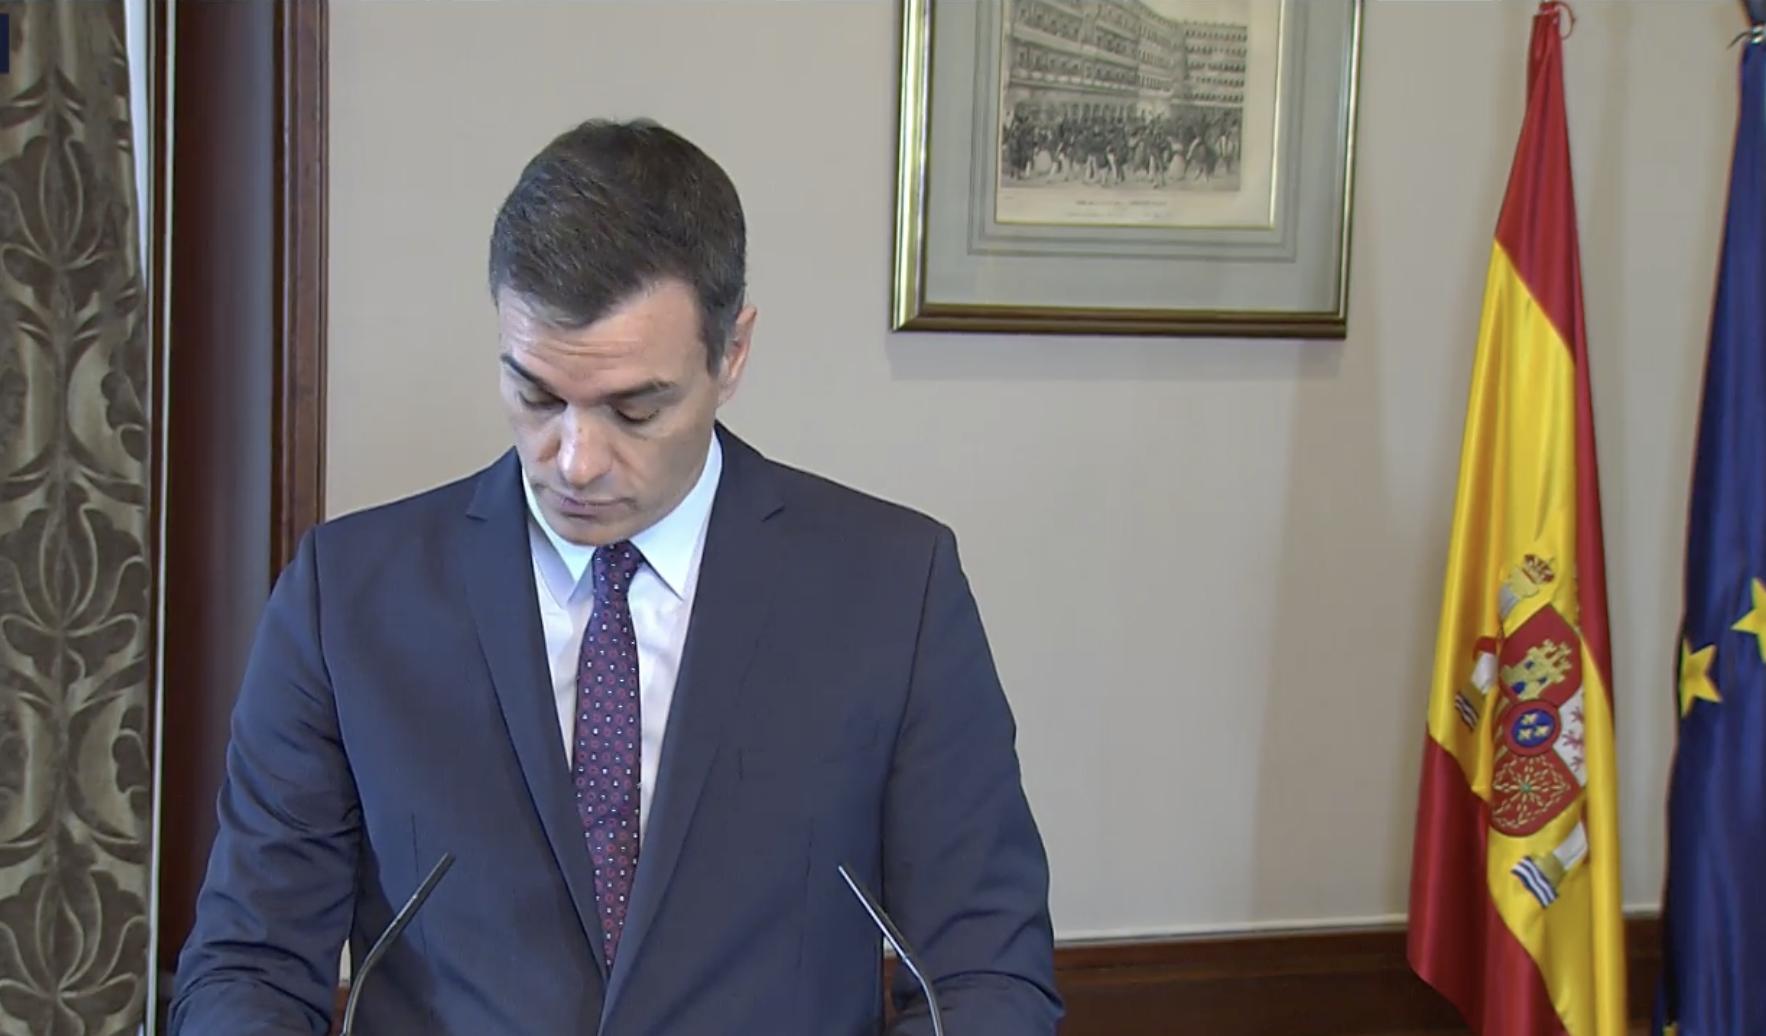 Sánchez anuncia que iniciará una ronda para sumar apoyos parlamentarios. Podemos habría garantizado la abstención de ERC y Bildu